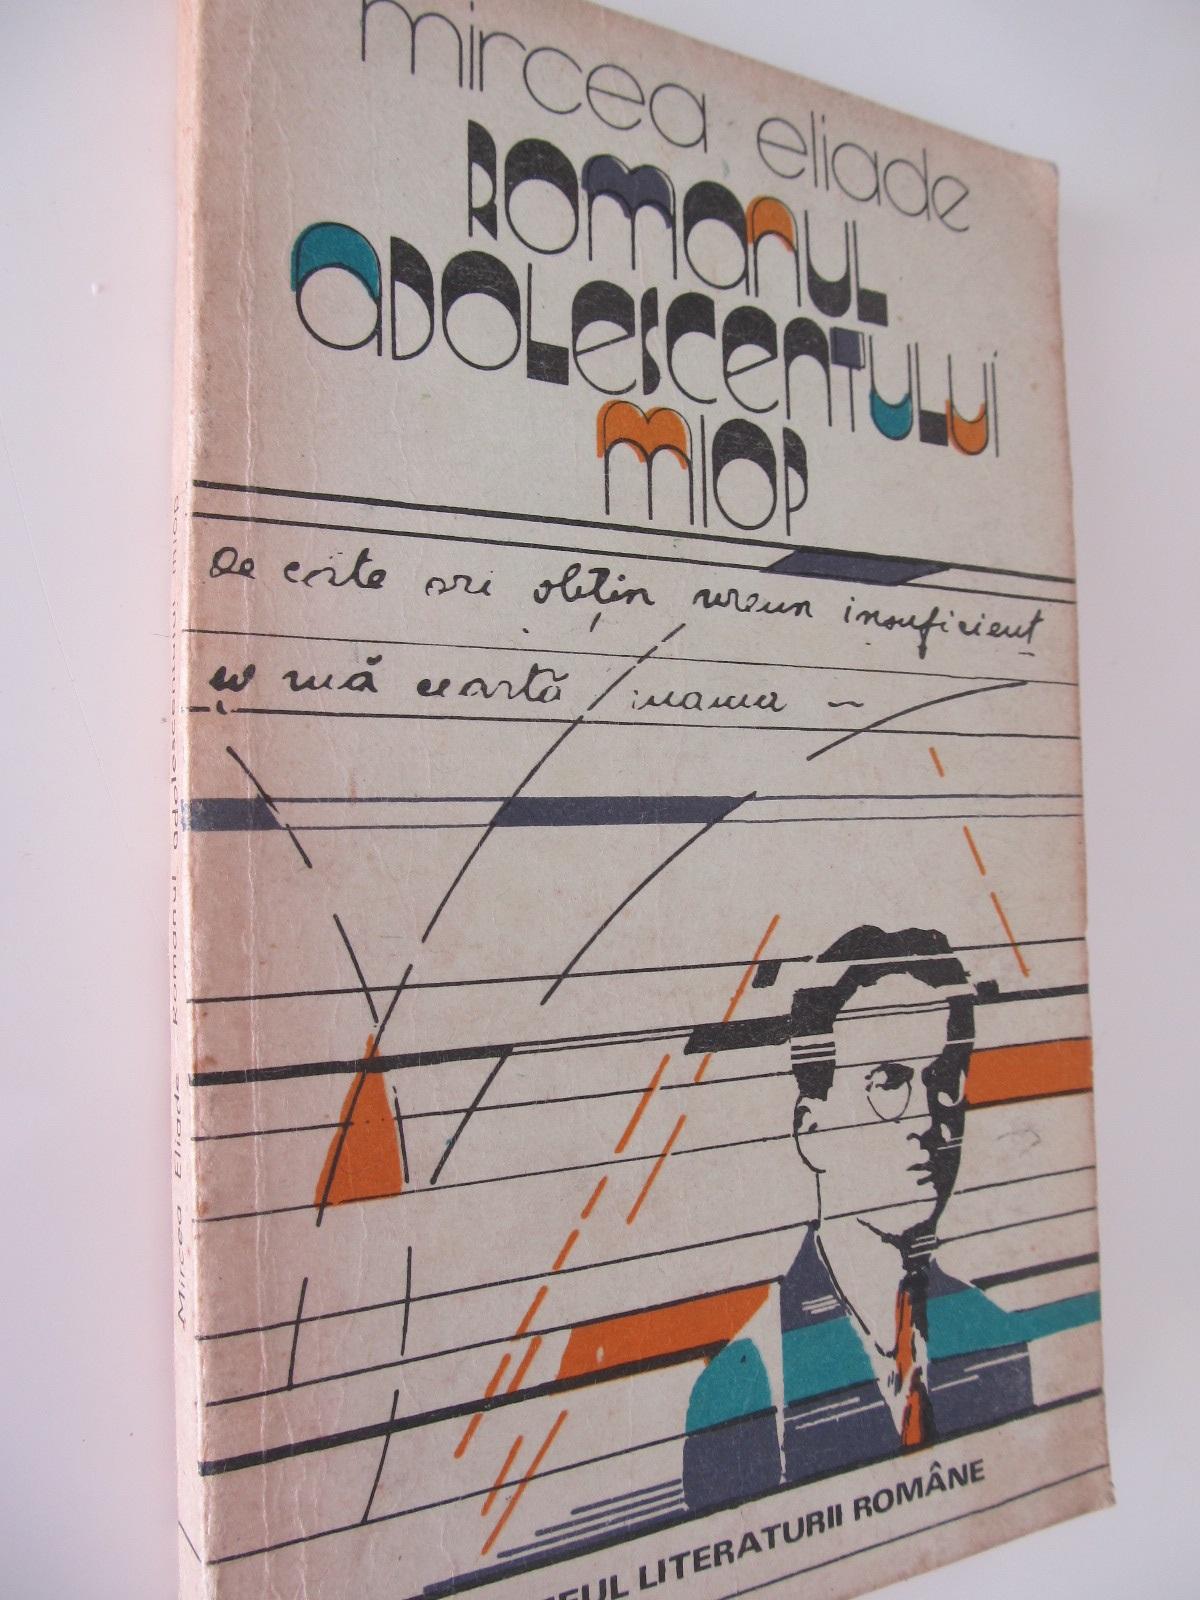 Romanul adolescentului miop - Mircea Eliade | Detalii carte